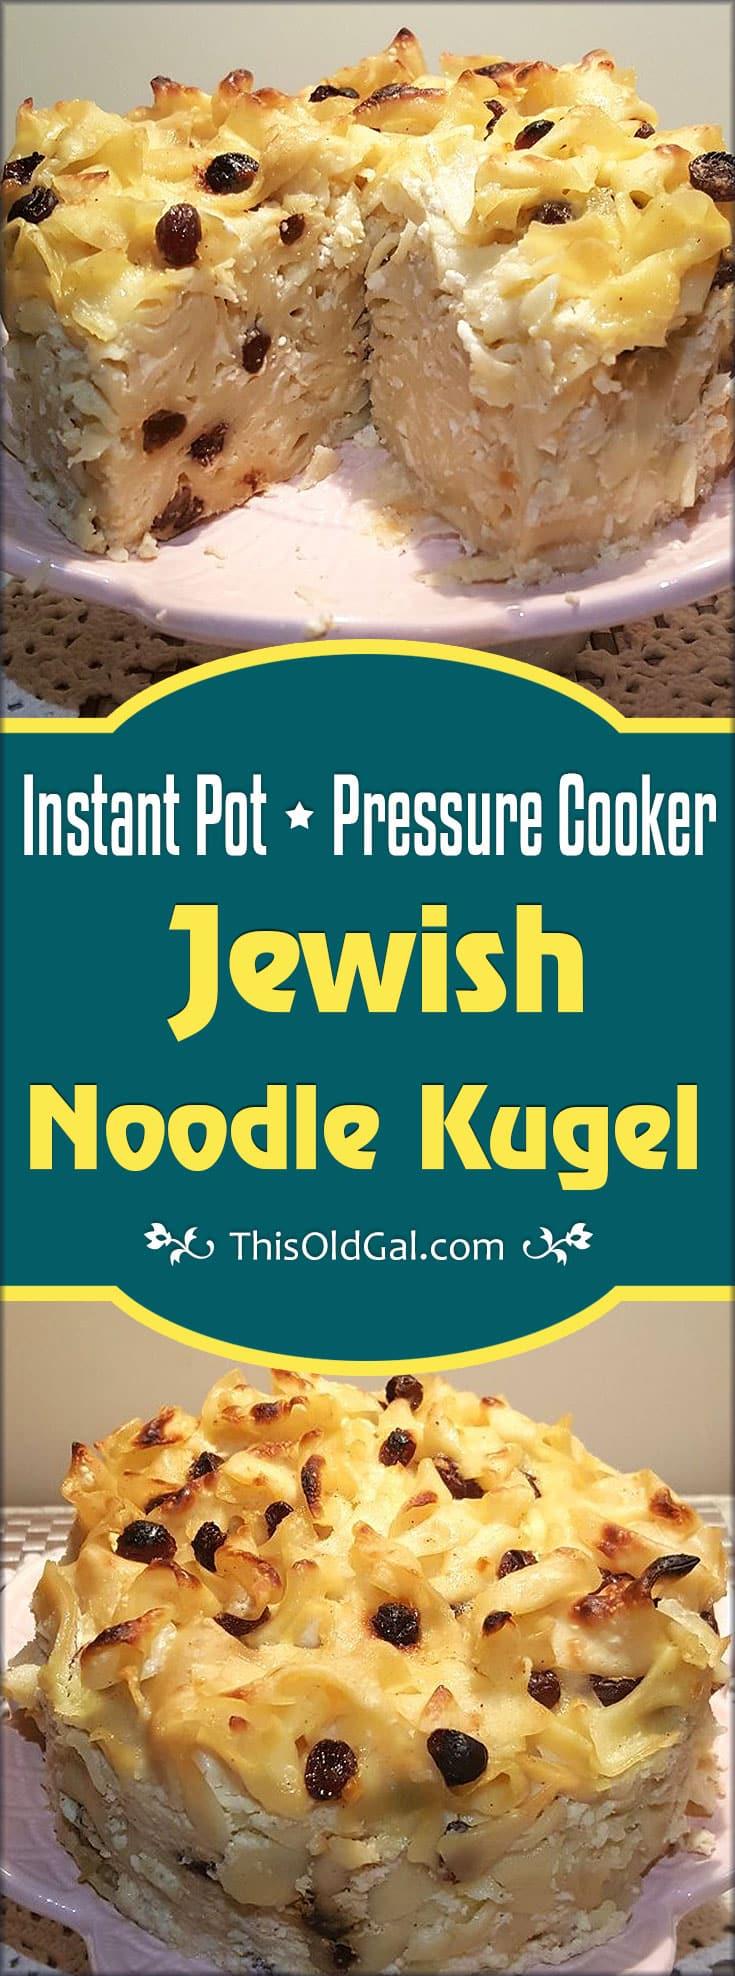 Pressure Cooker Jewish Noodle Kugel (Luchen Kugel)